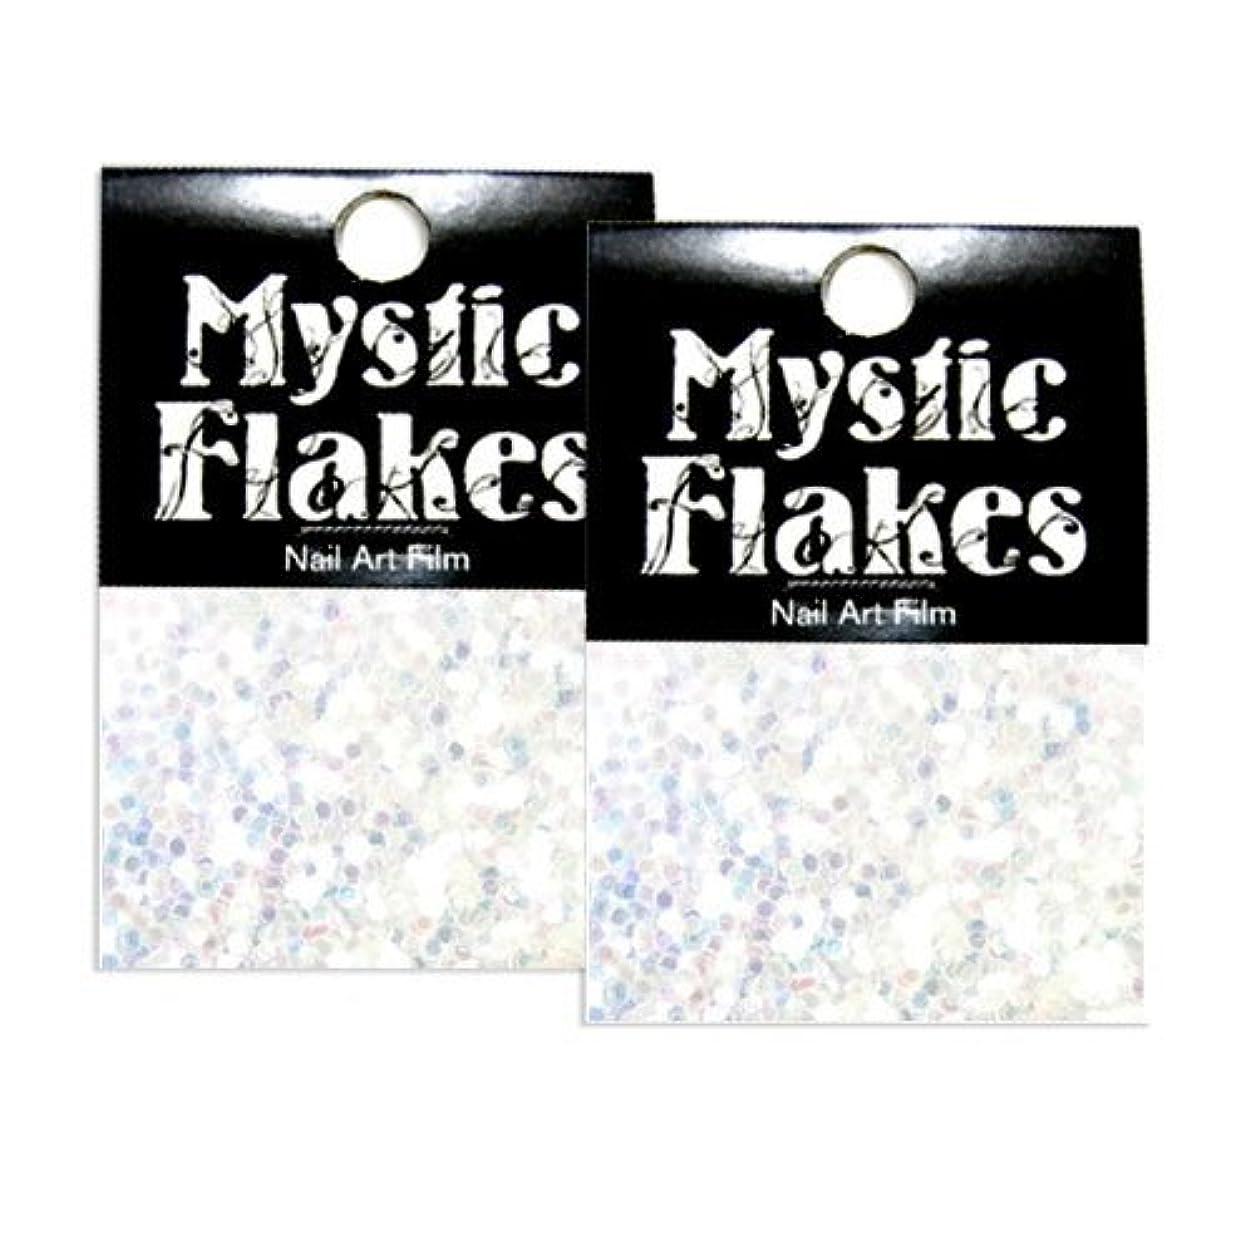 啓発する抽象論争の的ミスティックフレース ネイル用ストーン オーロラホワイト ヘキサゴン 1mm 0.5g 2個セット